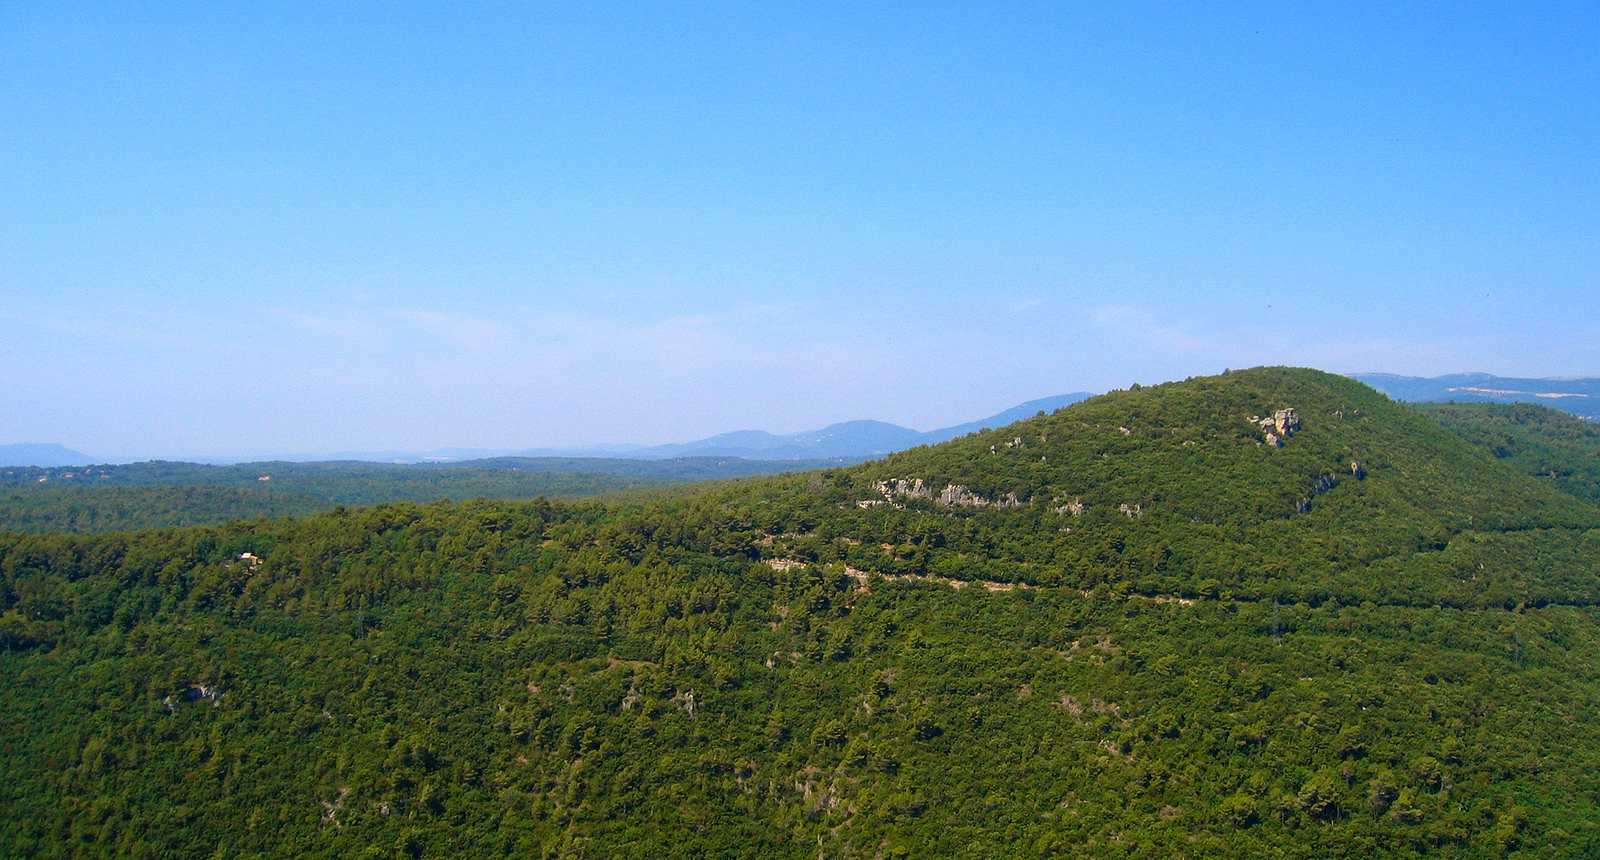 Vue sur les montagnes de Saint-Cézaire-sur-Ciagne